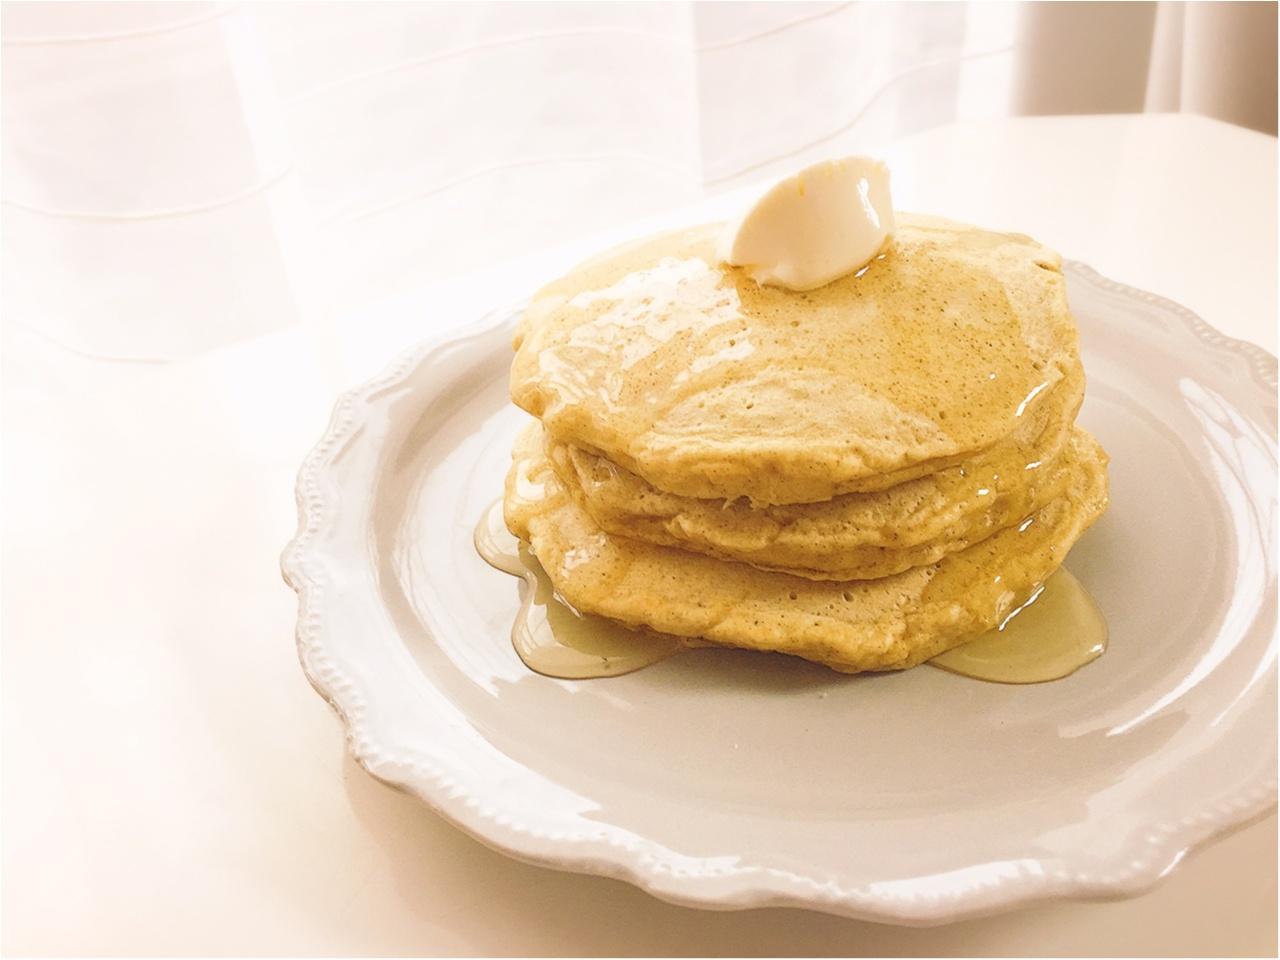 【おうちカフェ】シンプルな美味しさ!ふわもち食感がたまらないっ!『九州パンケーキ』で朝が楽しみになる!!_3